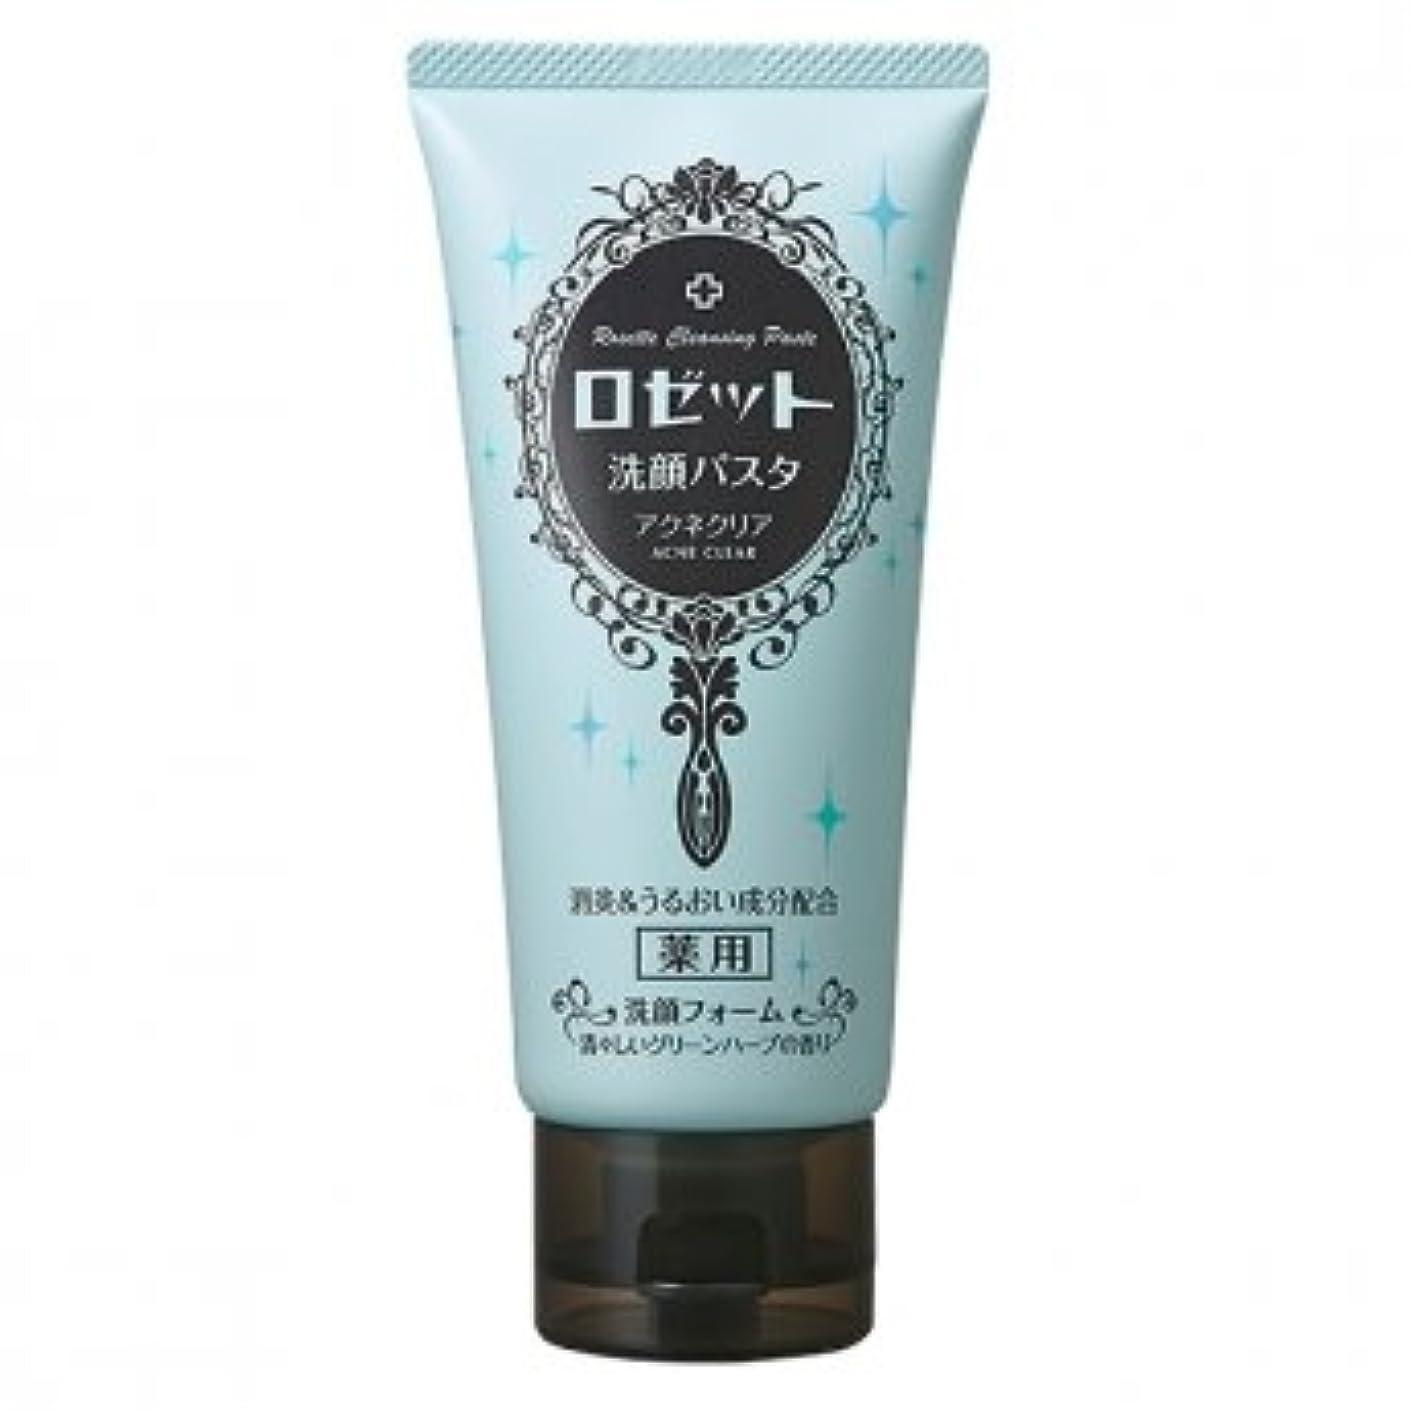 船フィードバック中世のロゼット(ROSETTE) 洗顔パスタ アクネクリア 医薬部外品 120g×48点セット 清々しいグリーンハーブの香り(洗顔フォーム)